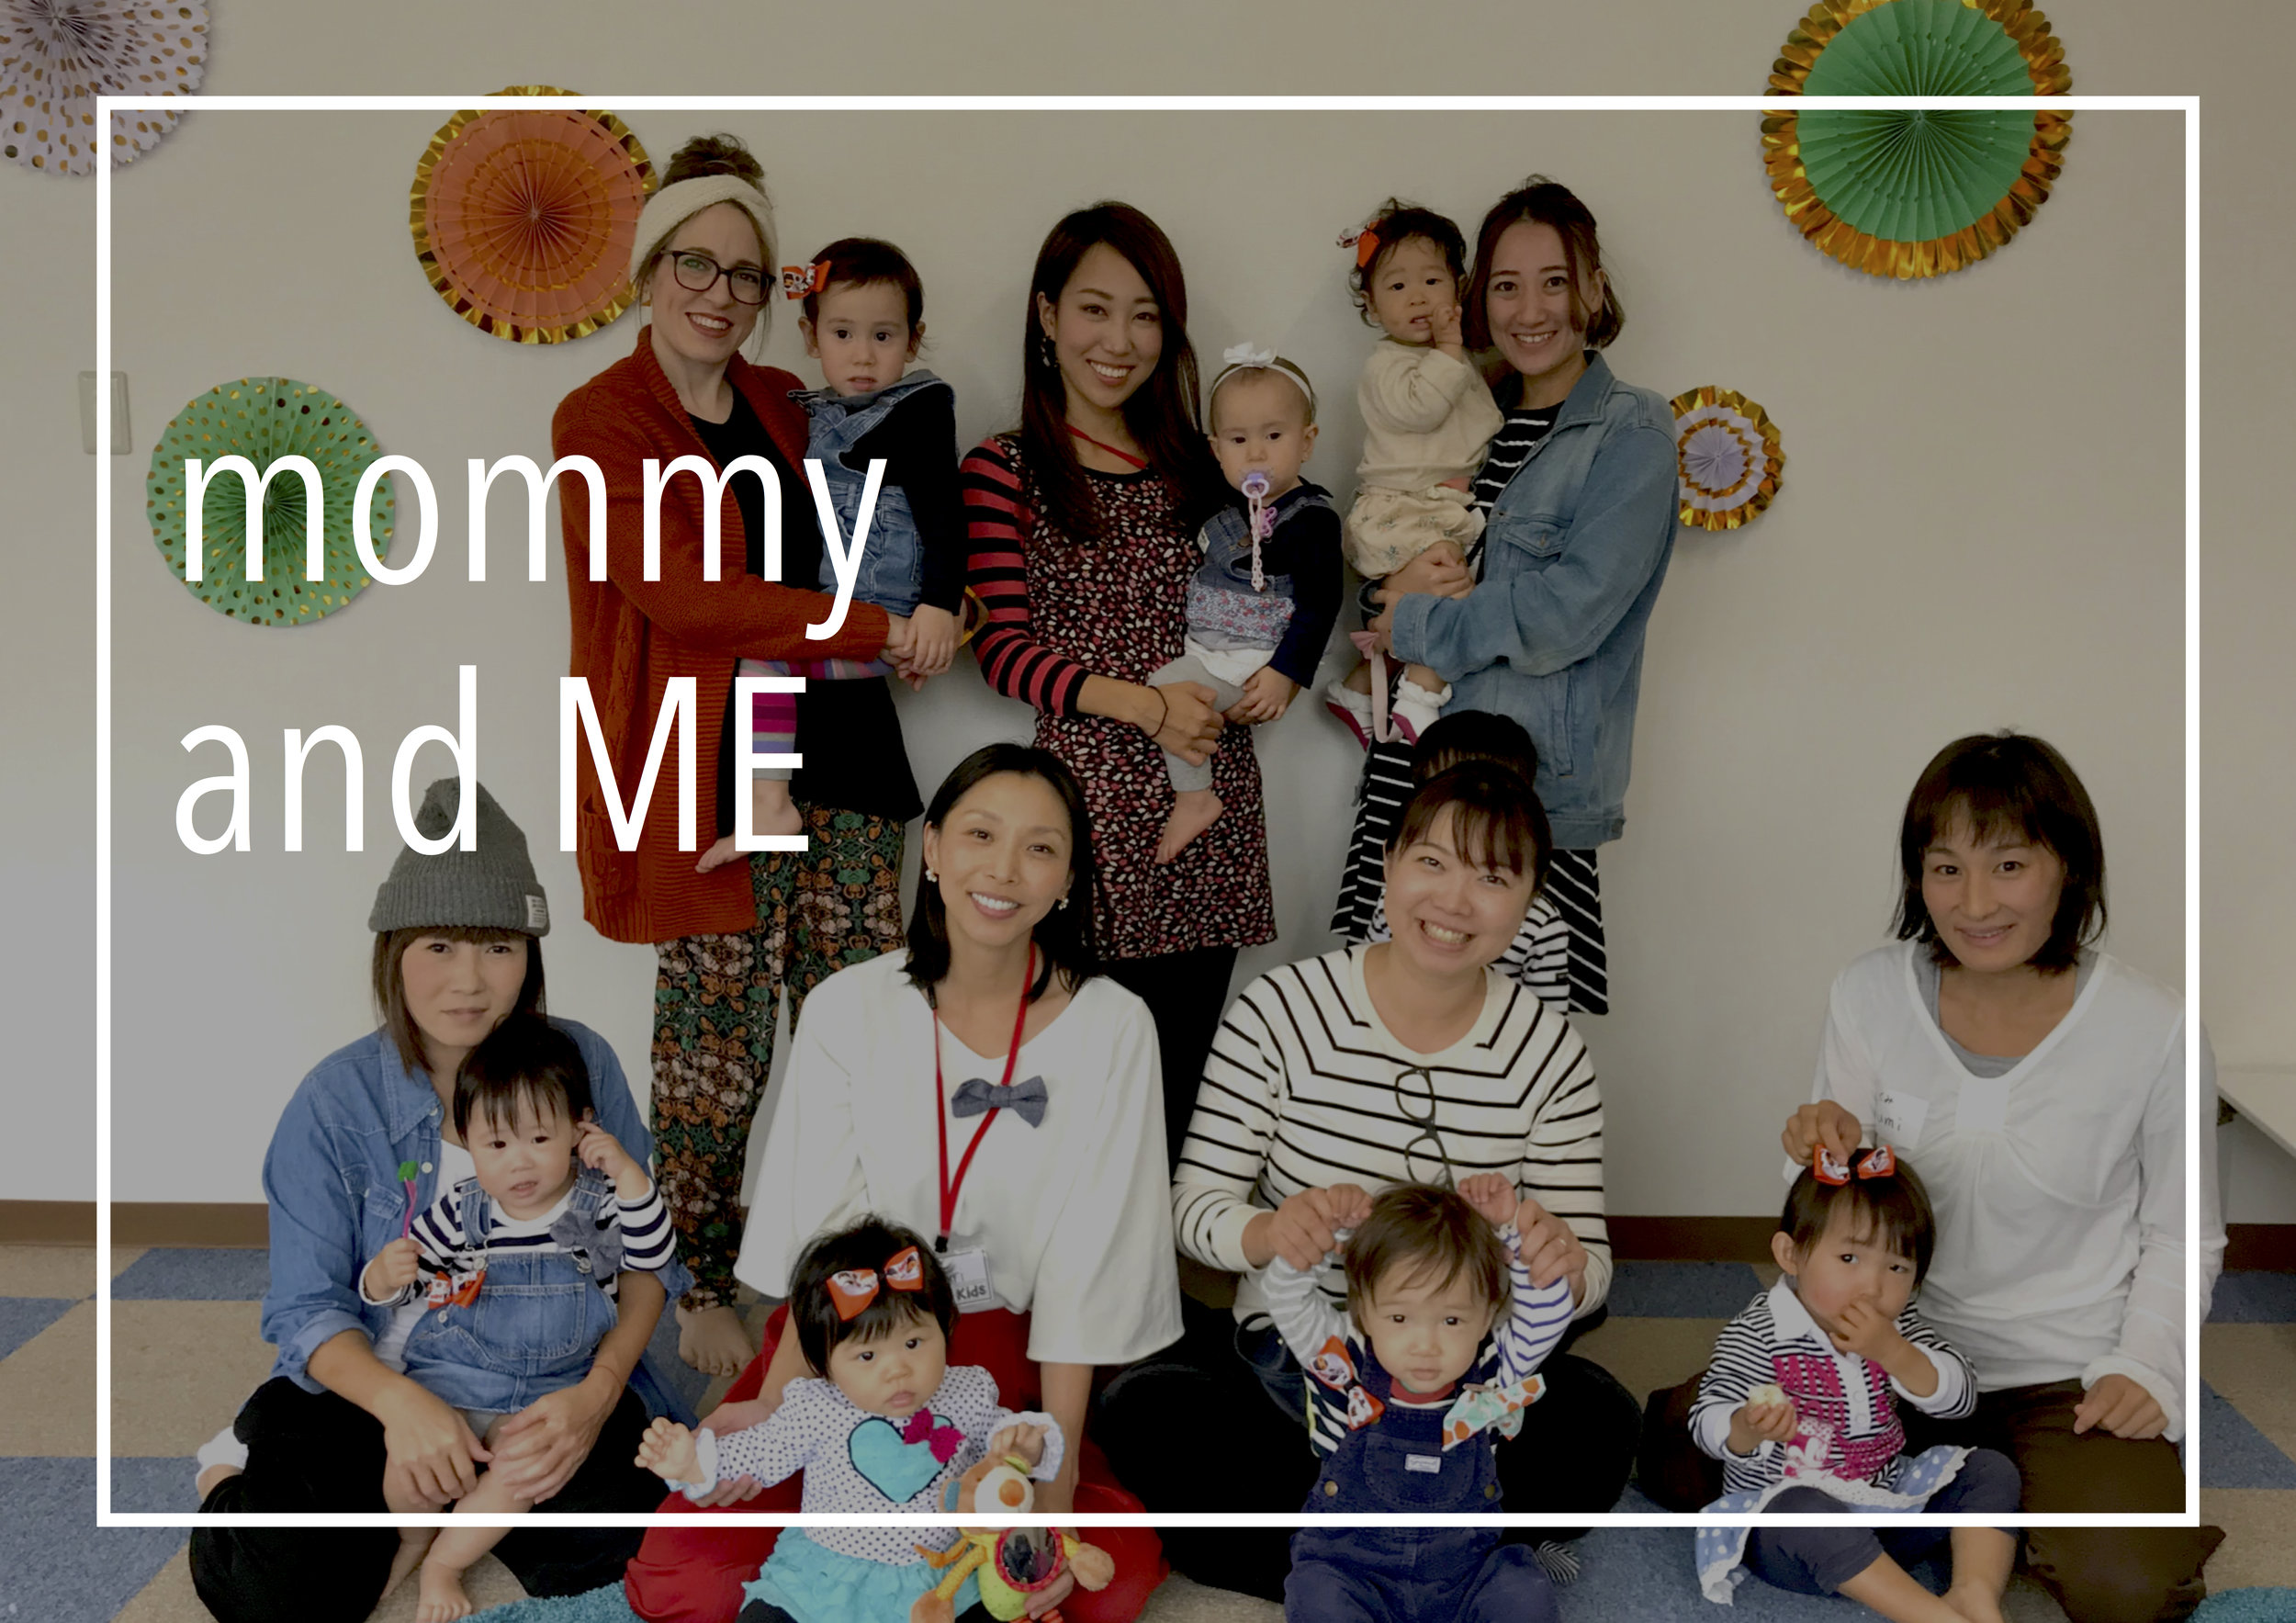 MOMMY & ME   私たちは中津にあるママさんたちのコミュニティーです。毎月活動していて、子育てについて話をしたり、楽しいクラフトをしたり、英語をしたり、お茶をしながら様々な活動をしています。